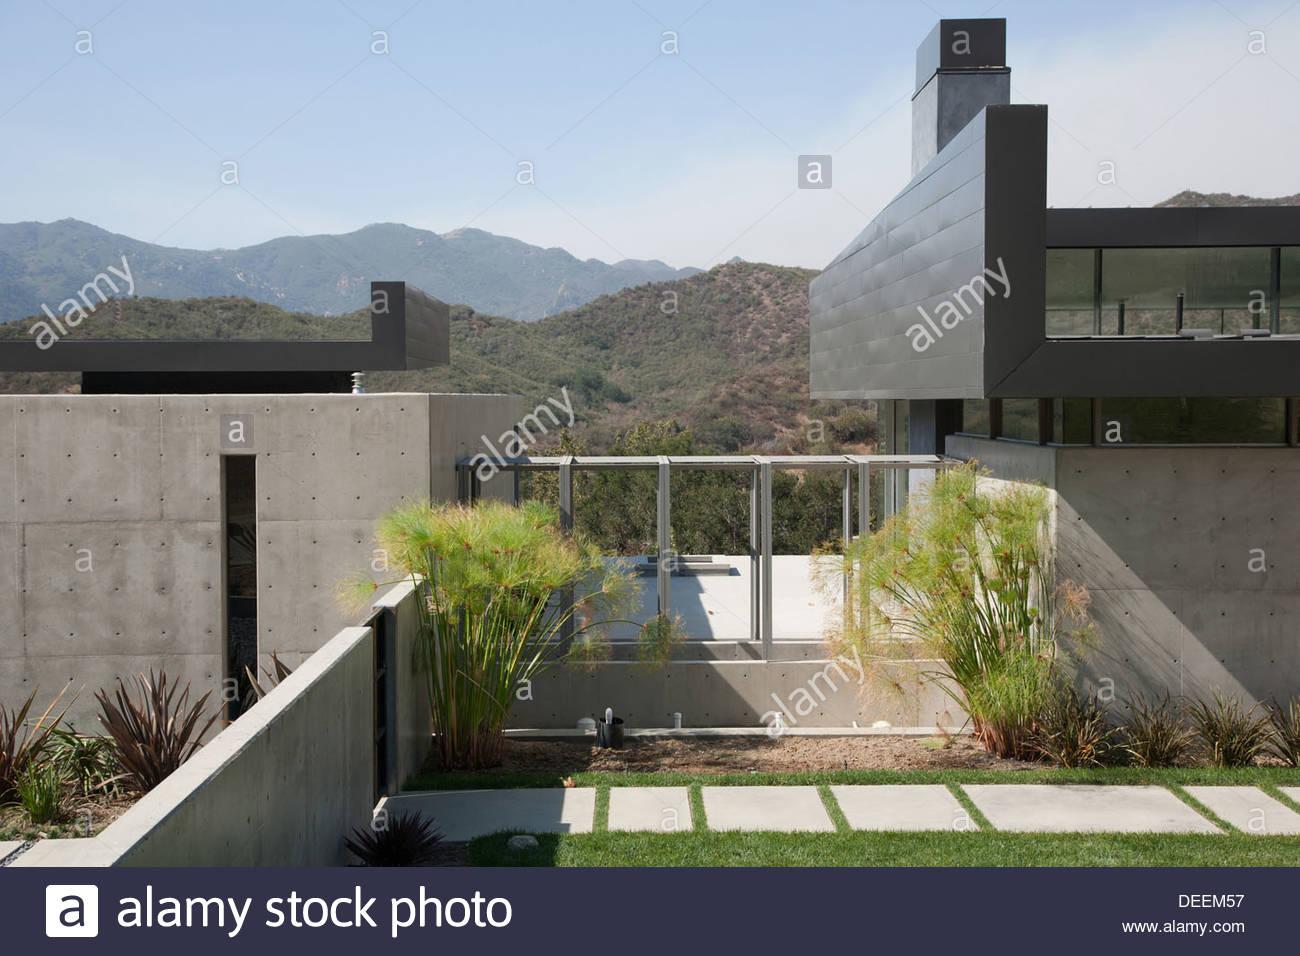 Home immagini home fotos stock alamy for Architettura moderna della casa